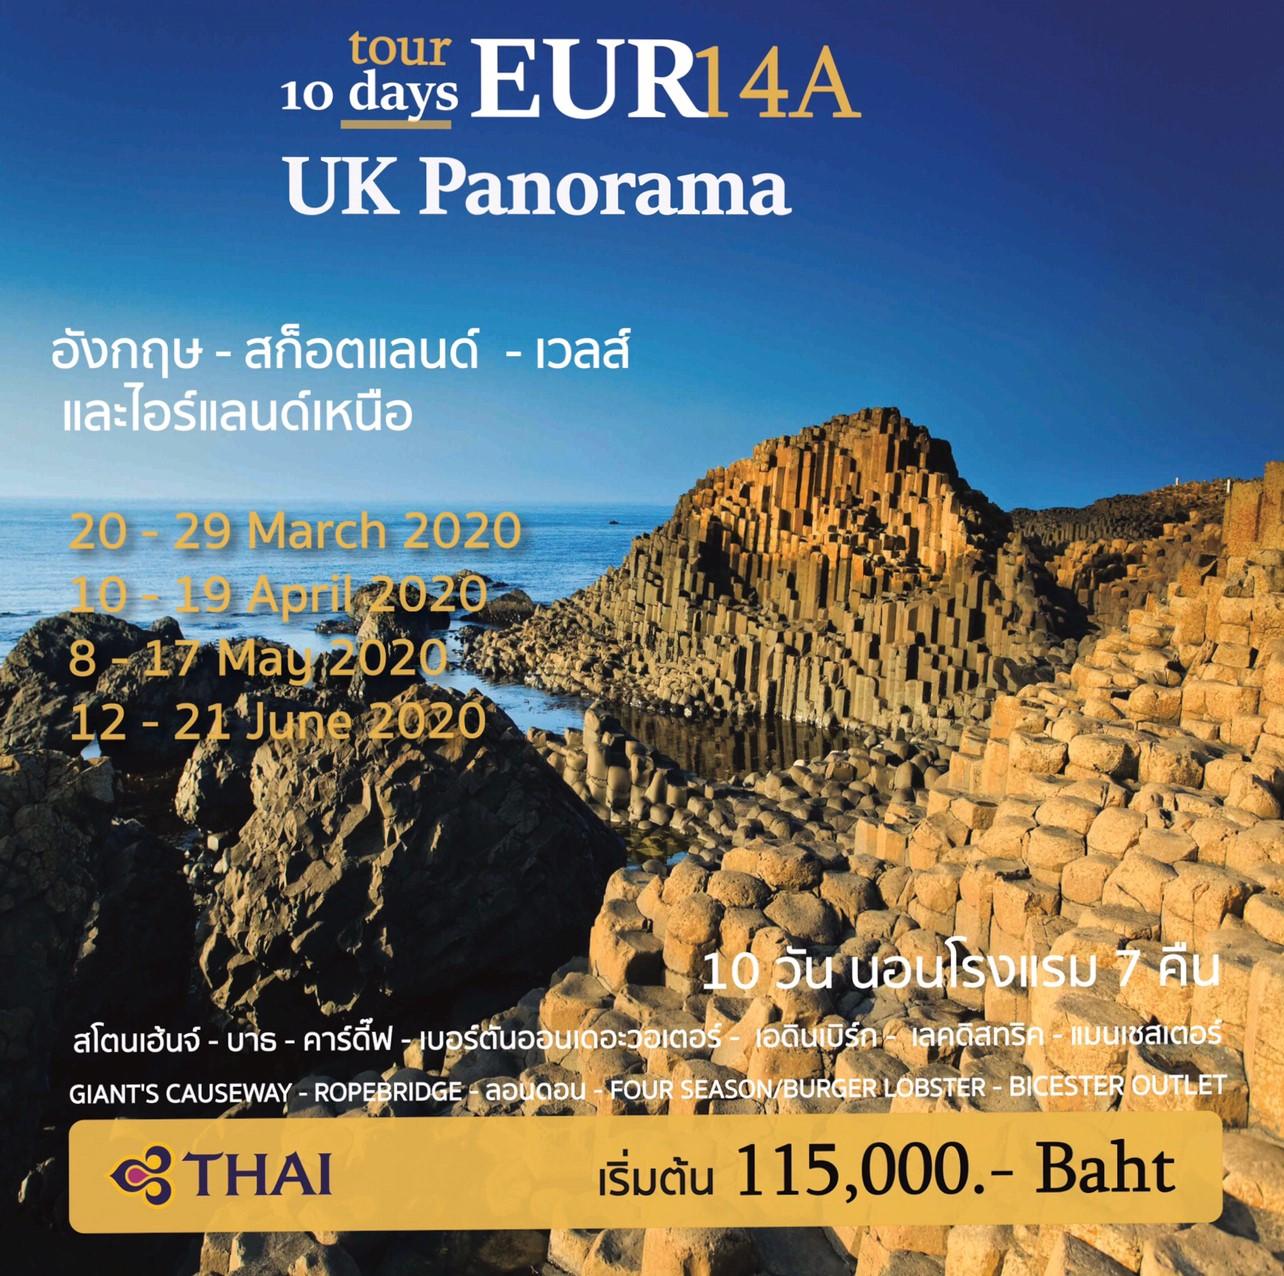 ทัวร์ยุโรป-UK-Panorama-อังกฤษ-สก็อตแลนด์-เวลส์-ไอร์แลนด์เหนือ-10วัน-7คืน-(MAR-JUN20)(EUR14A)